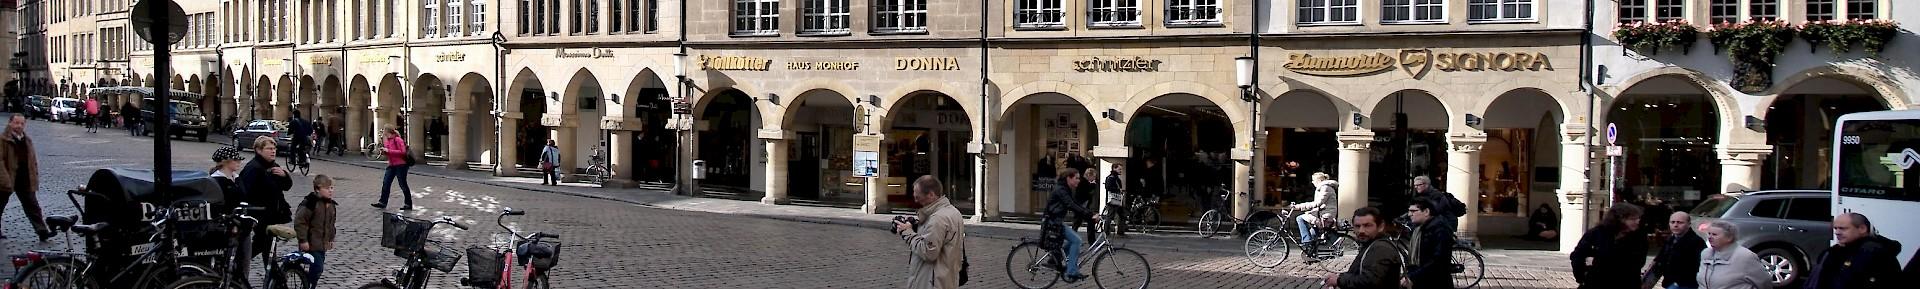 Reisetipps für Ihren Besuch in Münster, NRW